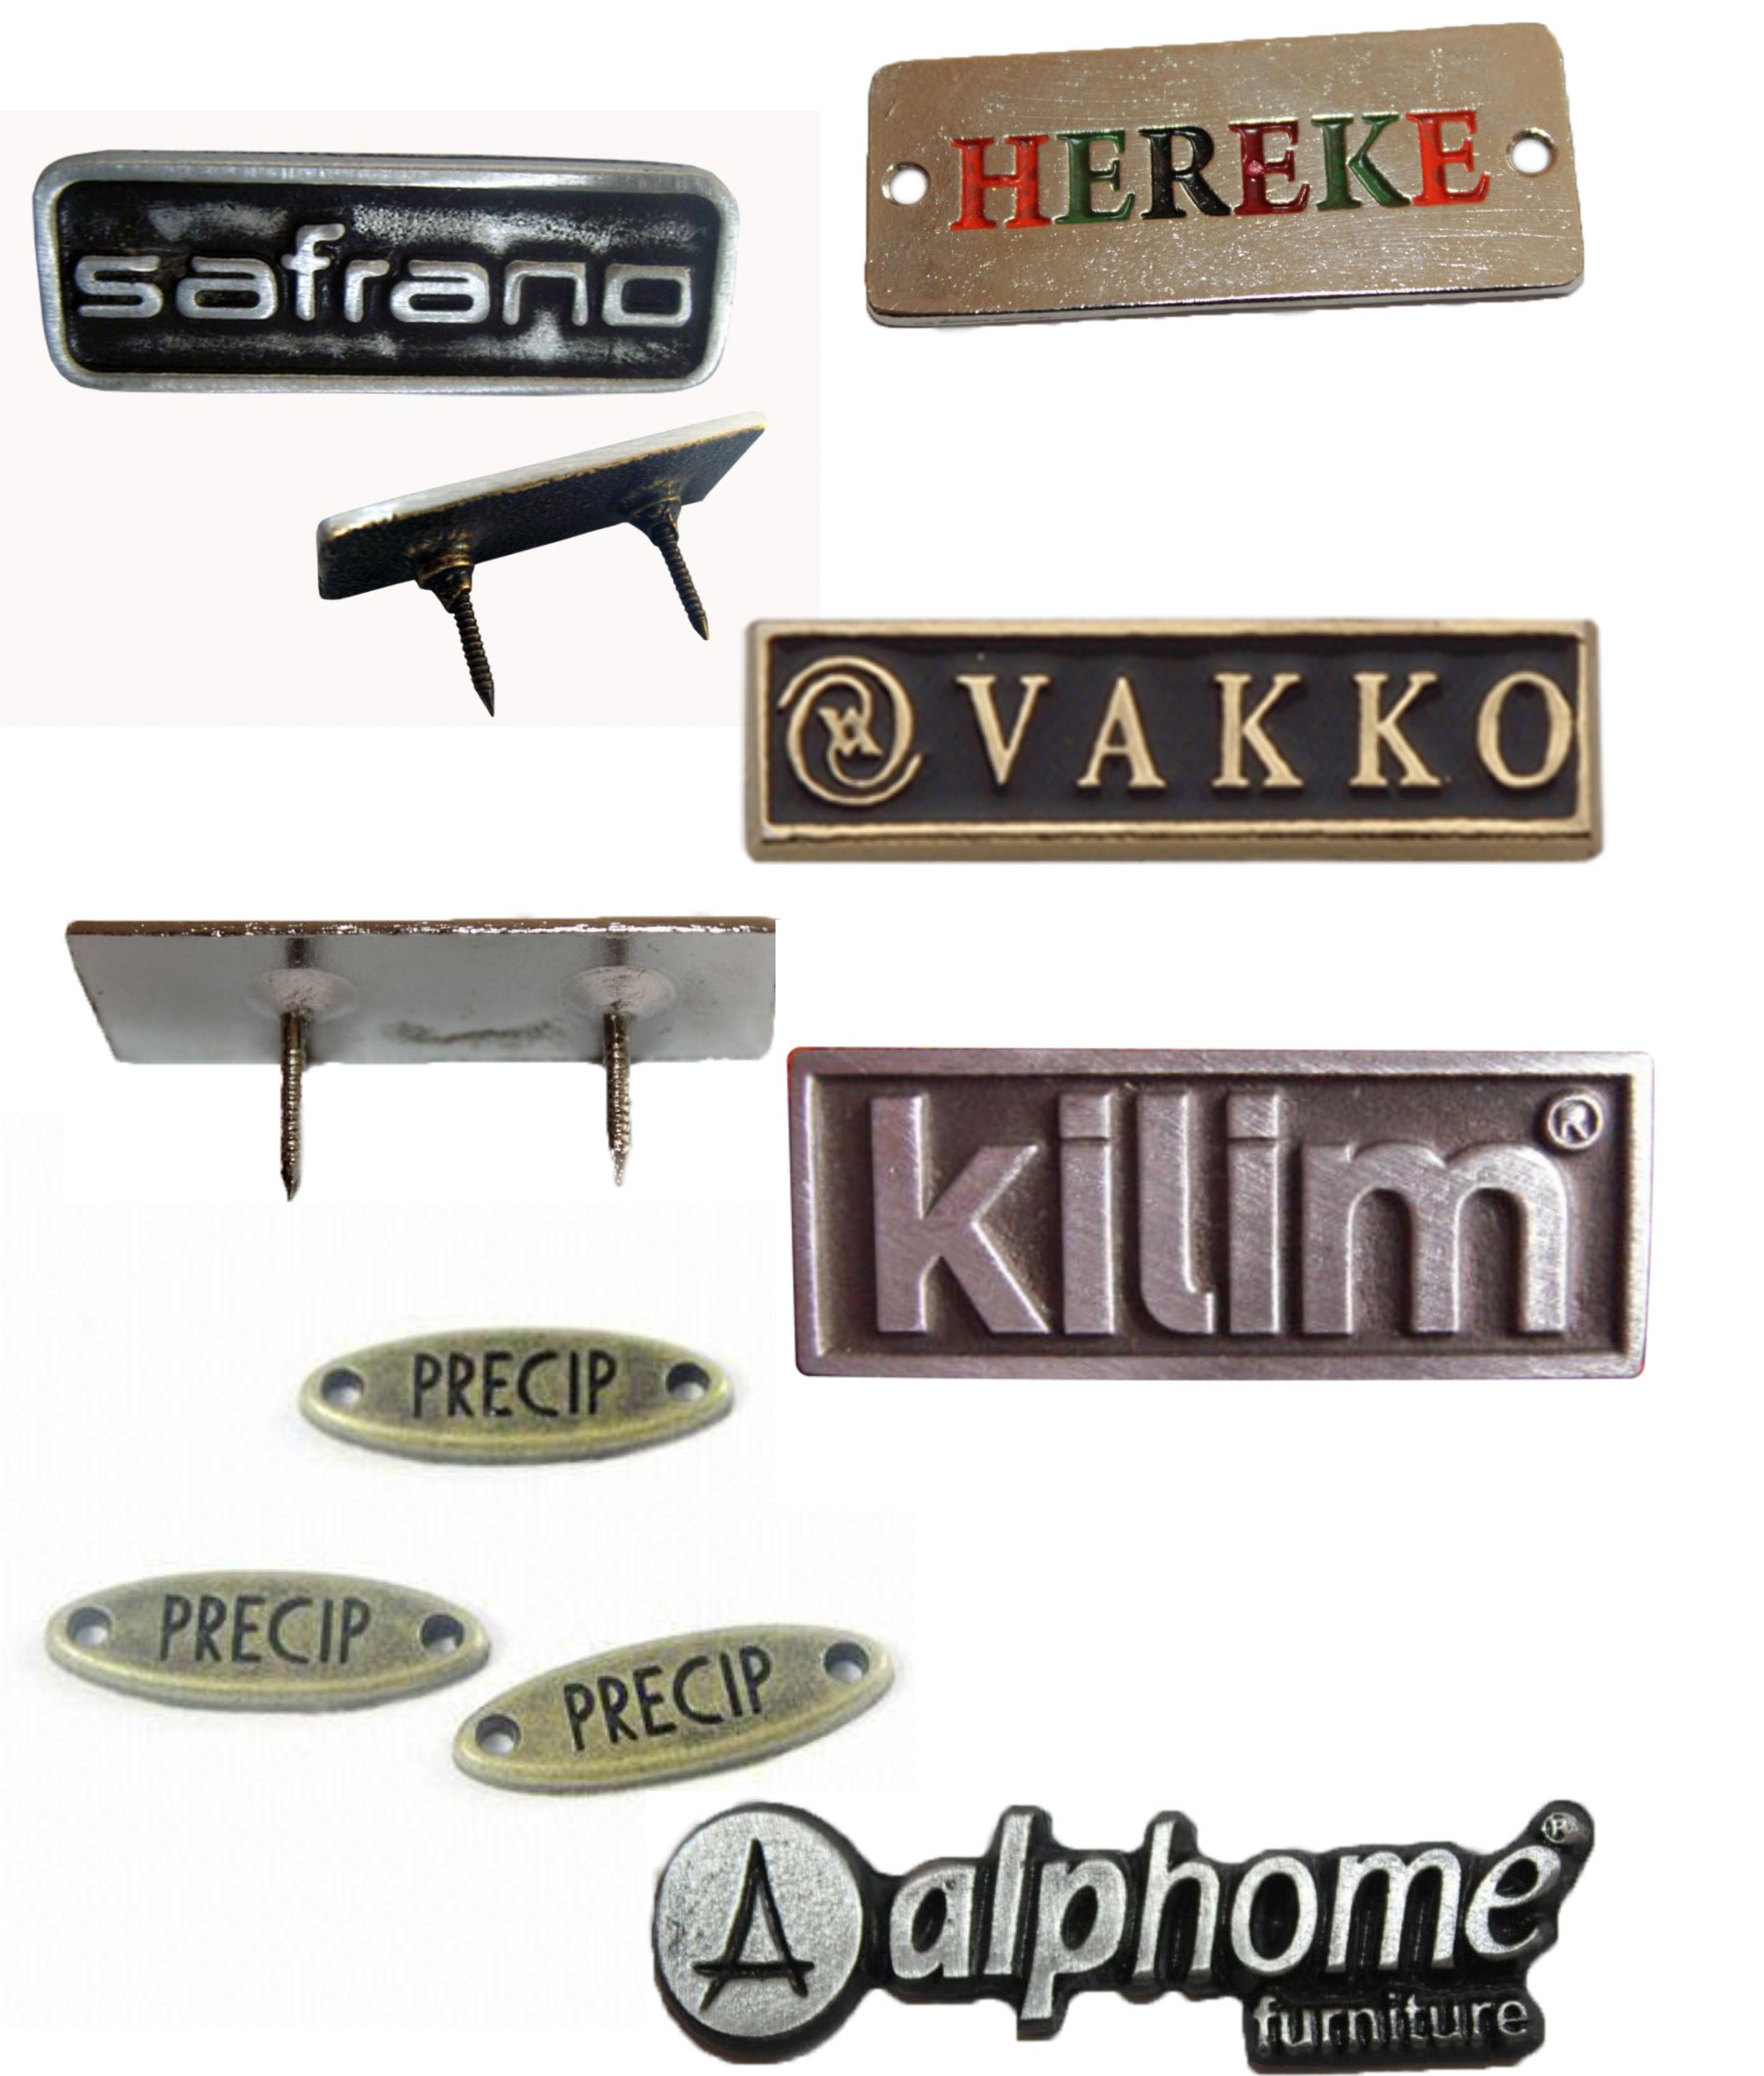 mobilya etiketi, çelik kapı etiketi,promosyon,etiket,otomotiv etiketi,beyaz eşya etiketi,raf etiketi,damla etiket,zamak etiket,çakma etiket,silikon etiket,yapıştırma etiket,medikal makine etiketleri,